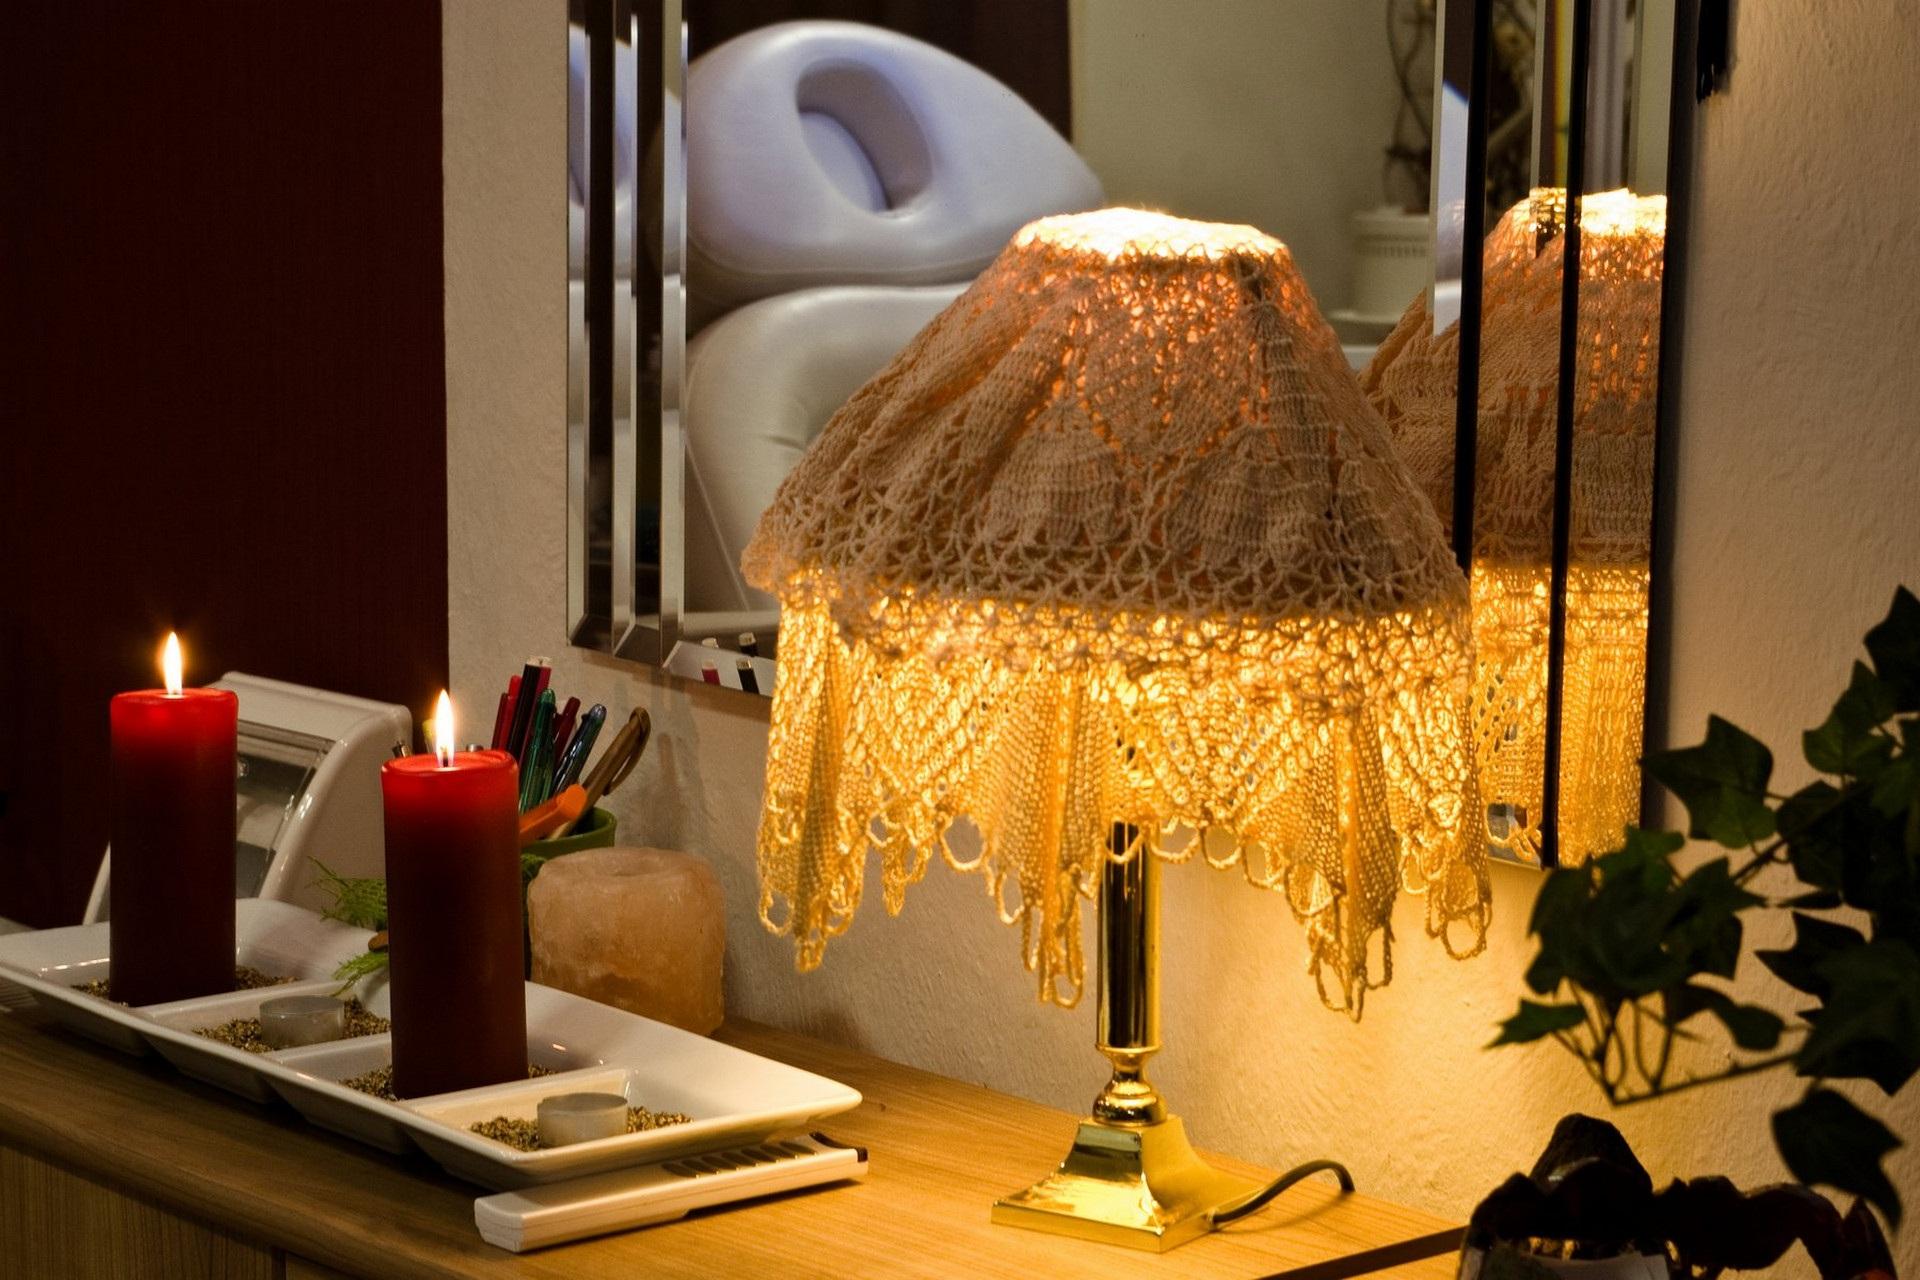 Decoration De Spa dedans images gratuites : lumière, fleur, restaurant, repas, jaune